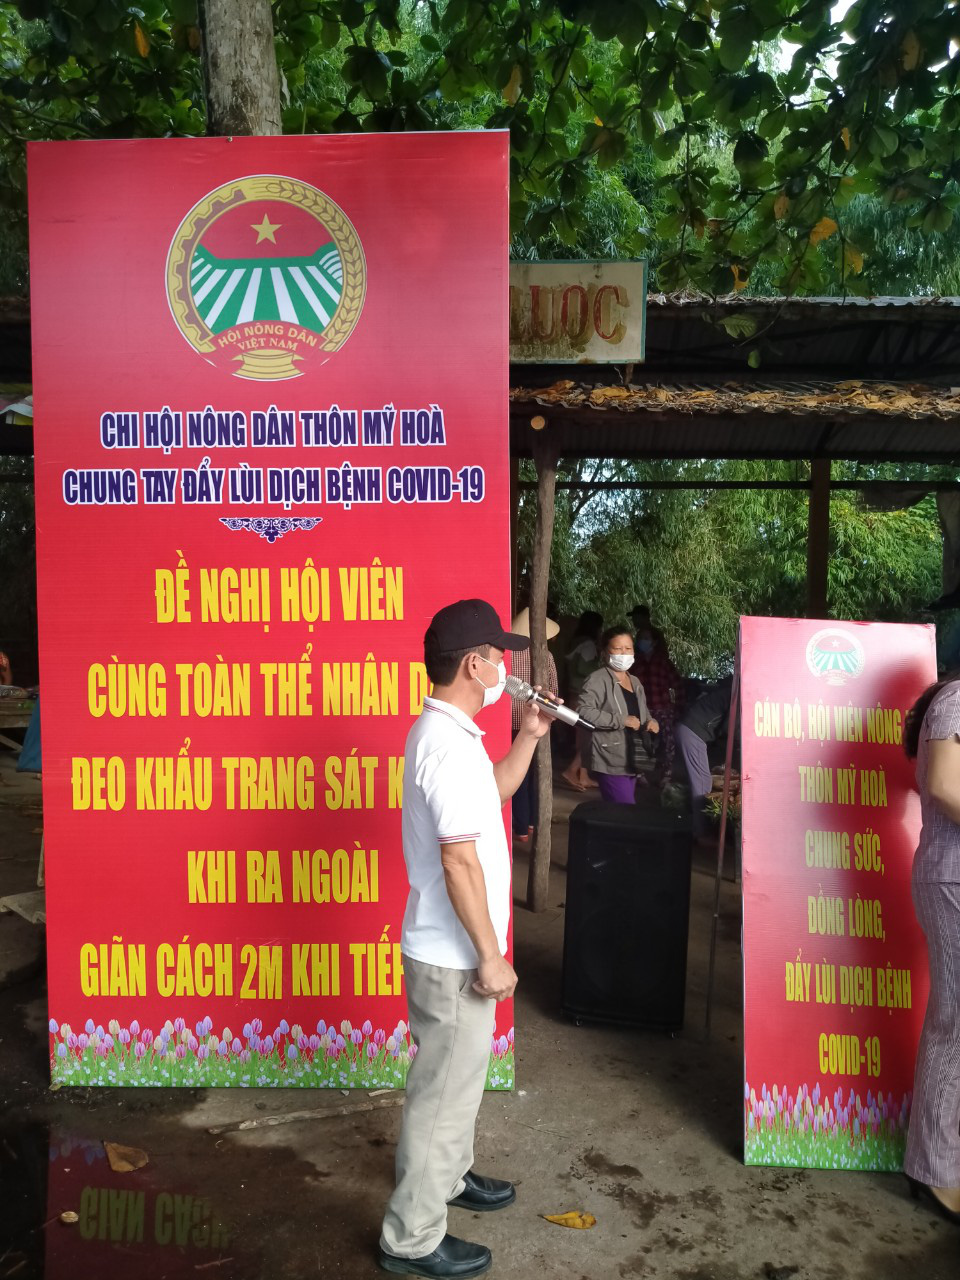 Quảng Nam: Hội Nông dân tỉnh vượt núi rừng đến với các điểm chốt chặn phòng chống Covid-19 vùng biên - Ảnh 3.